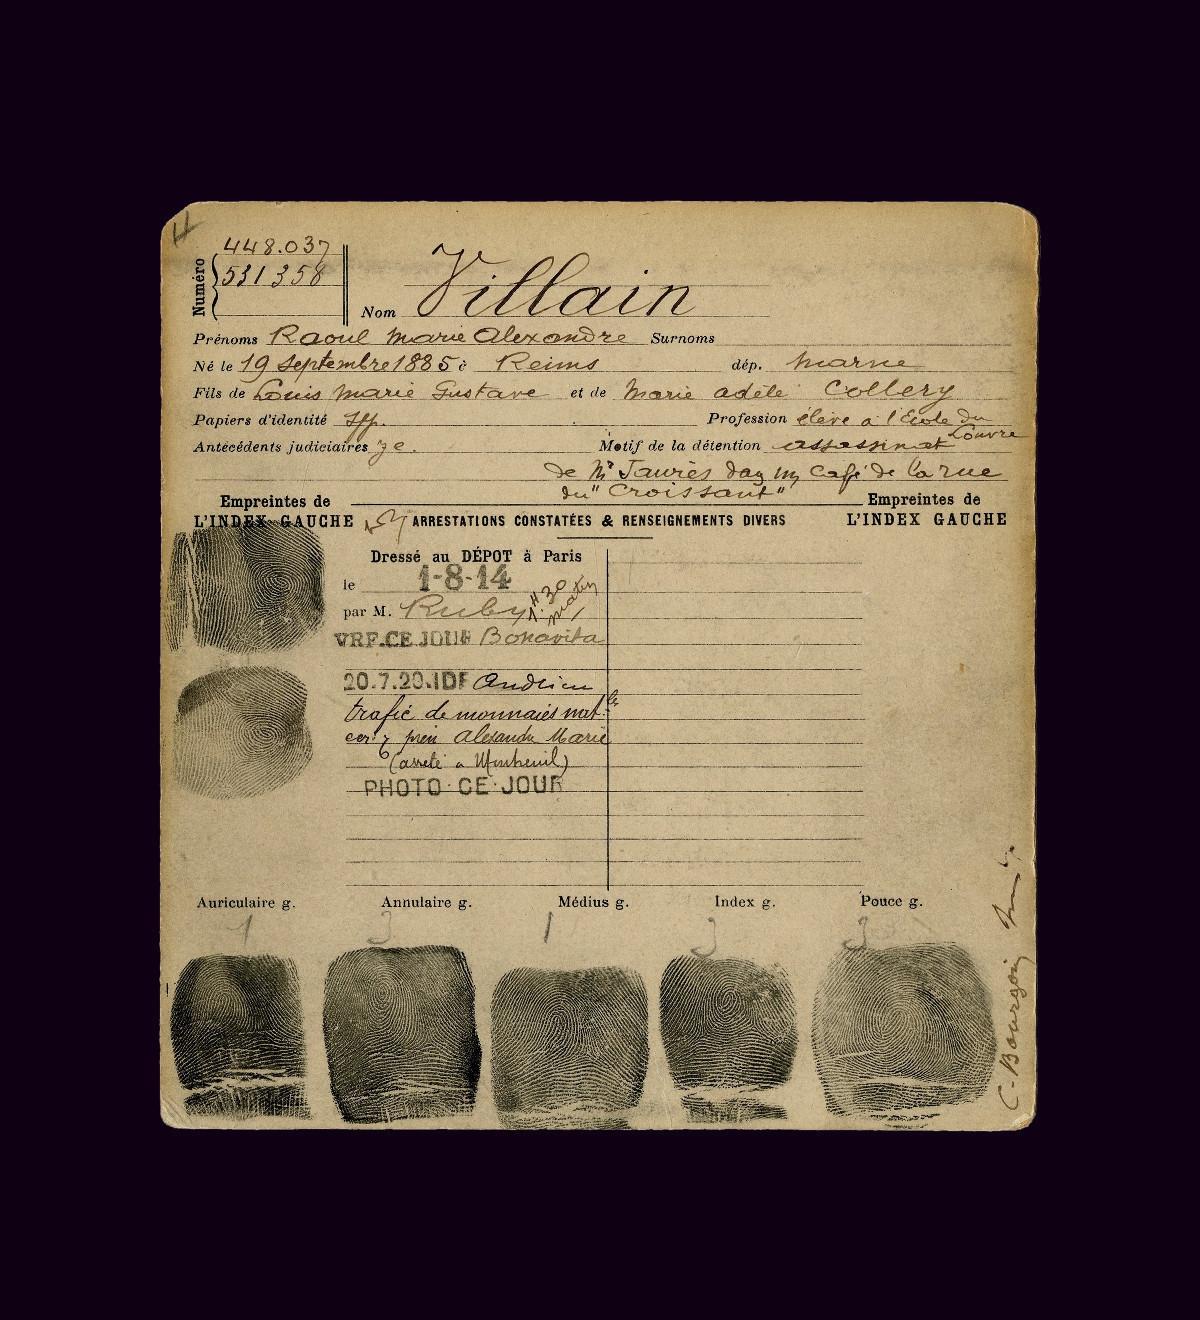 Registro antropométrico de Raoul Villain, estudante nacionalista que matou Jean Jaurès, absolvido em 1919. O arquivo é característico do sistema criminológico que Bertillon criou, incluindo impressões digitais, indicação precisa das medidas e dados biográficos do assassino.